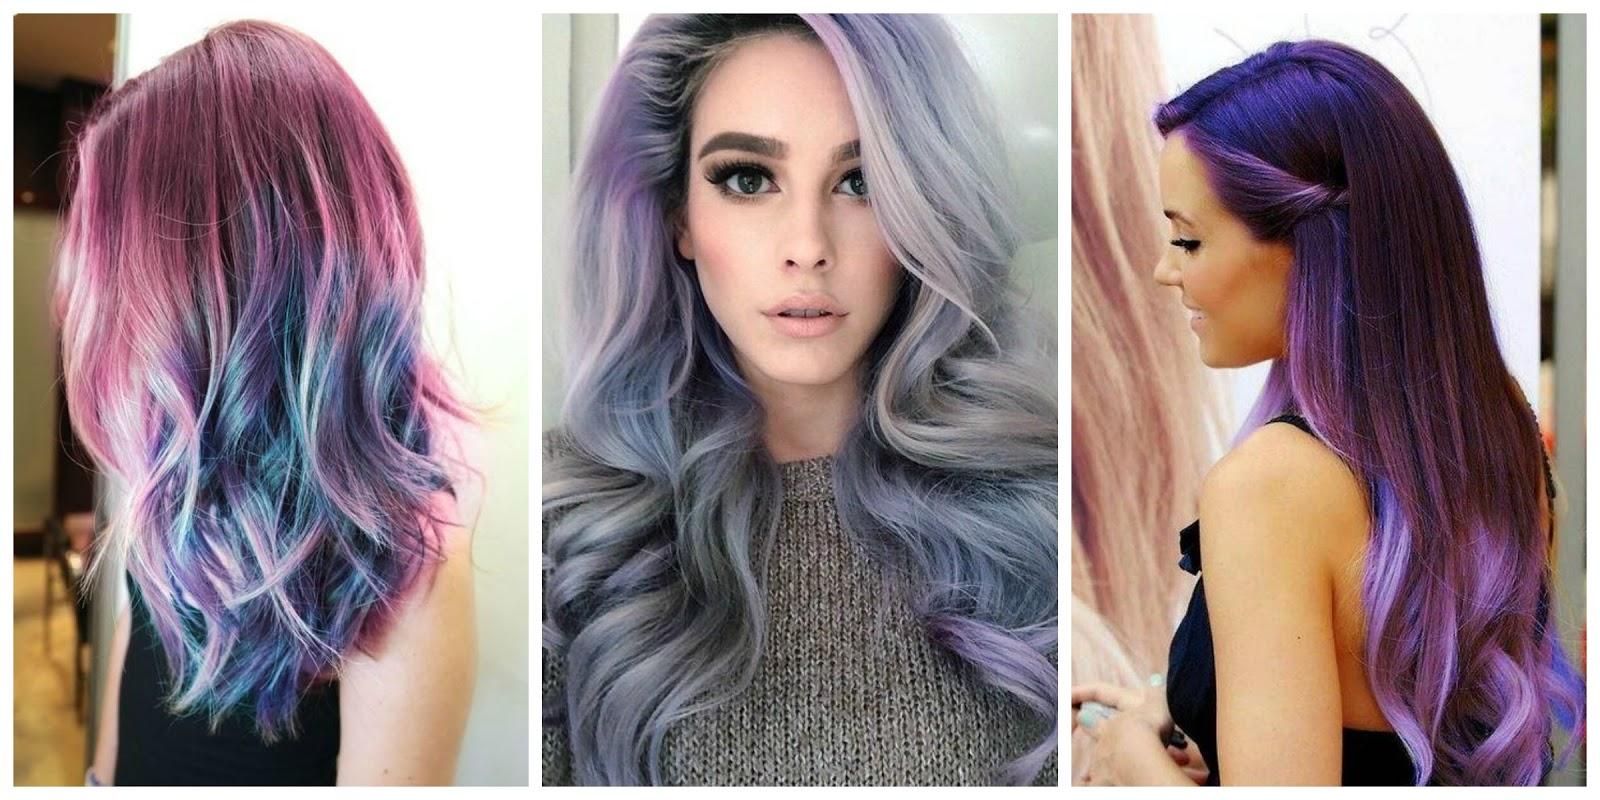 Lo mejor en peinados y color de cabello para mujer artes - Que cortes de cabello estan de moda ...